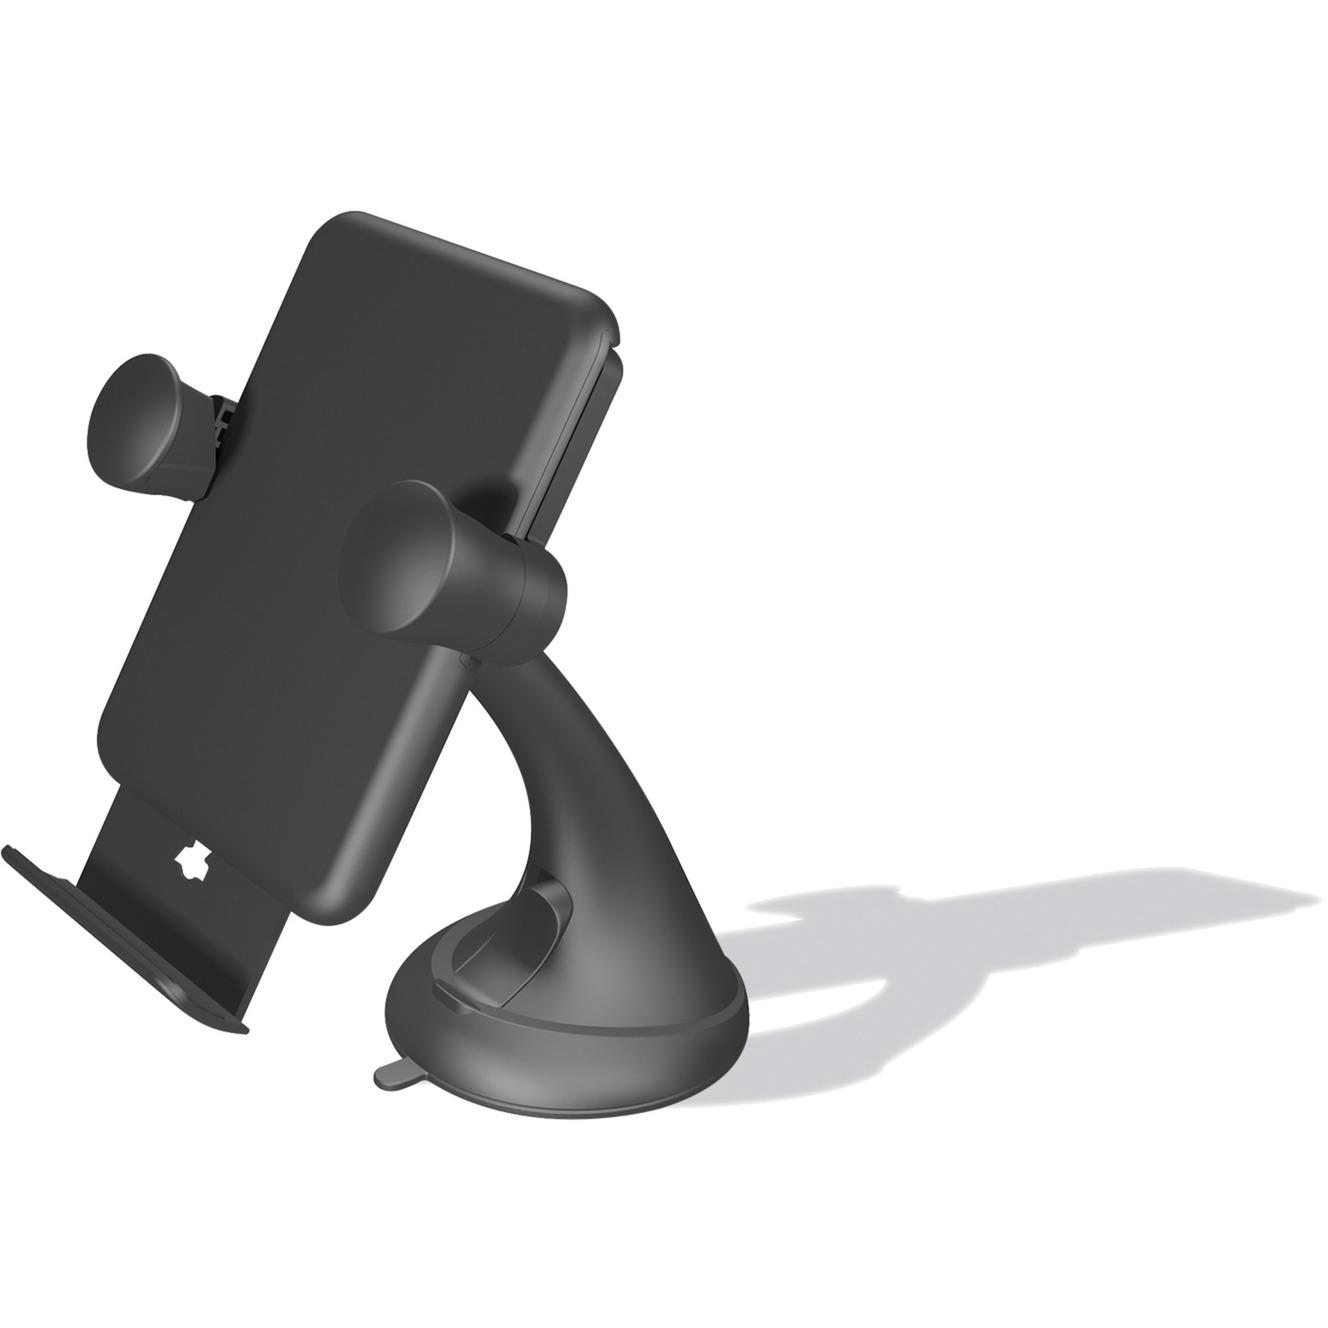 ZECC03B/00 cargador de dispositivo móvil Auto Negro